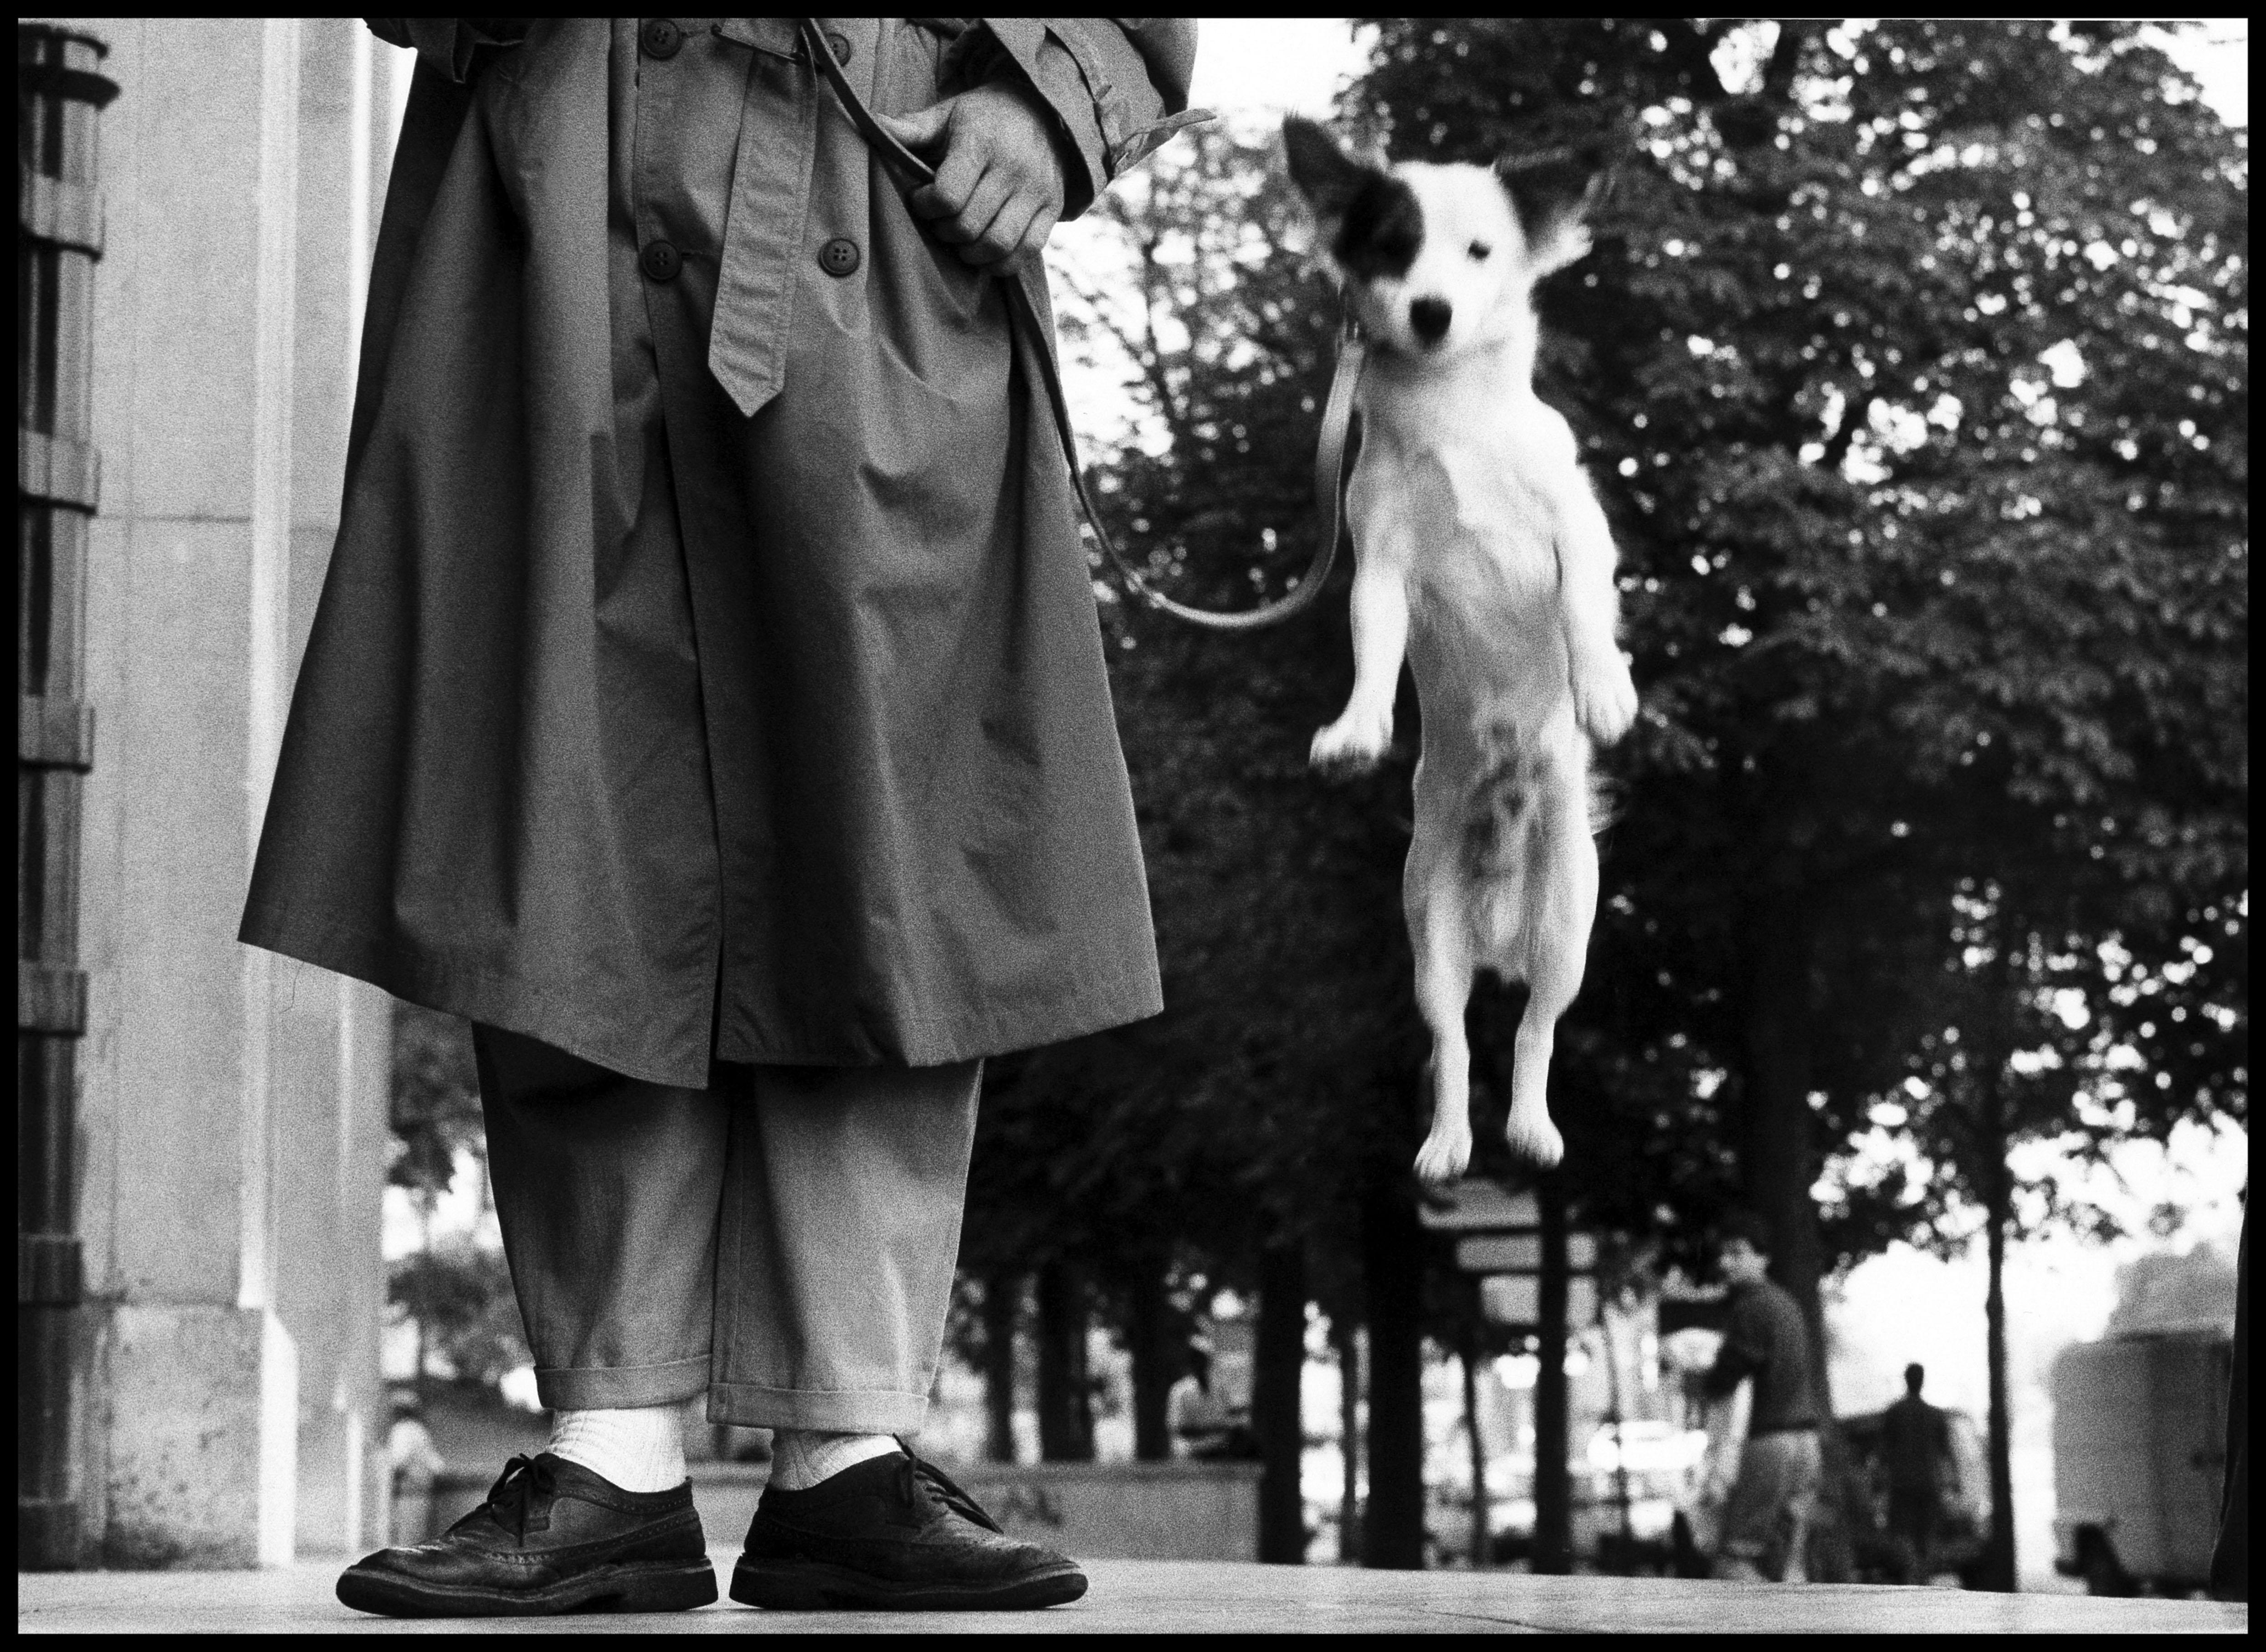 Párizs, Franciaország, 1989 © Elliott Erwitt / Magnum Photos<br />